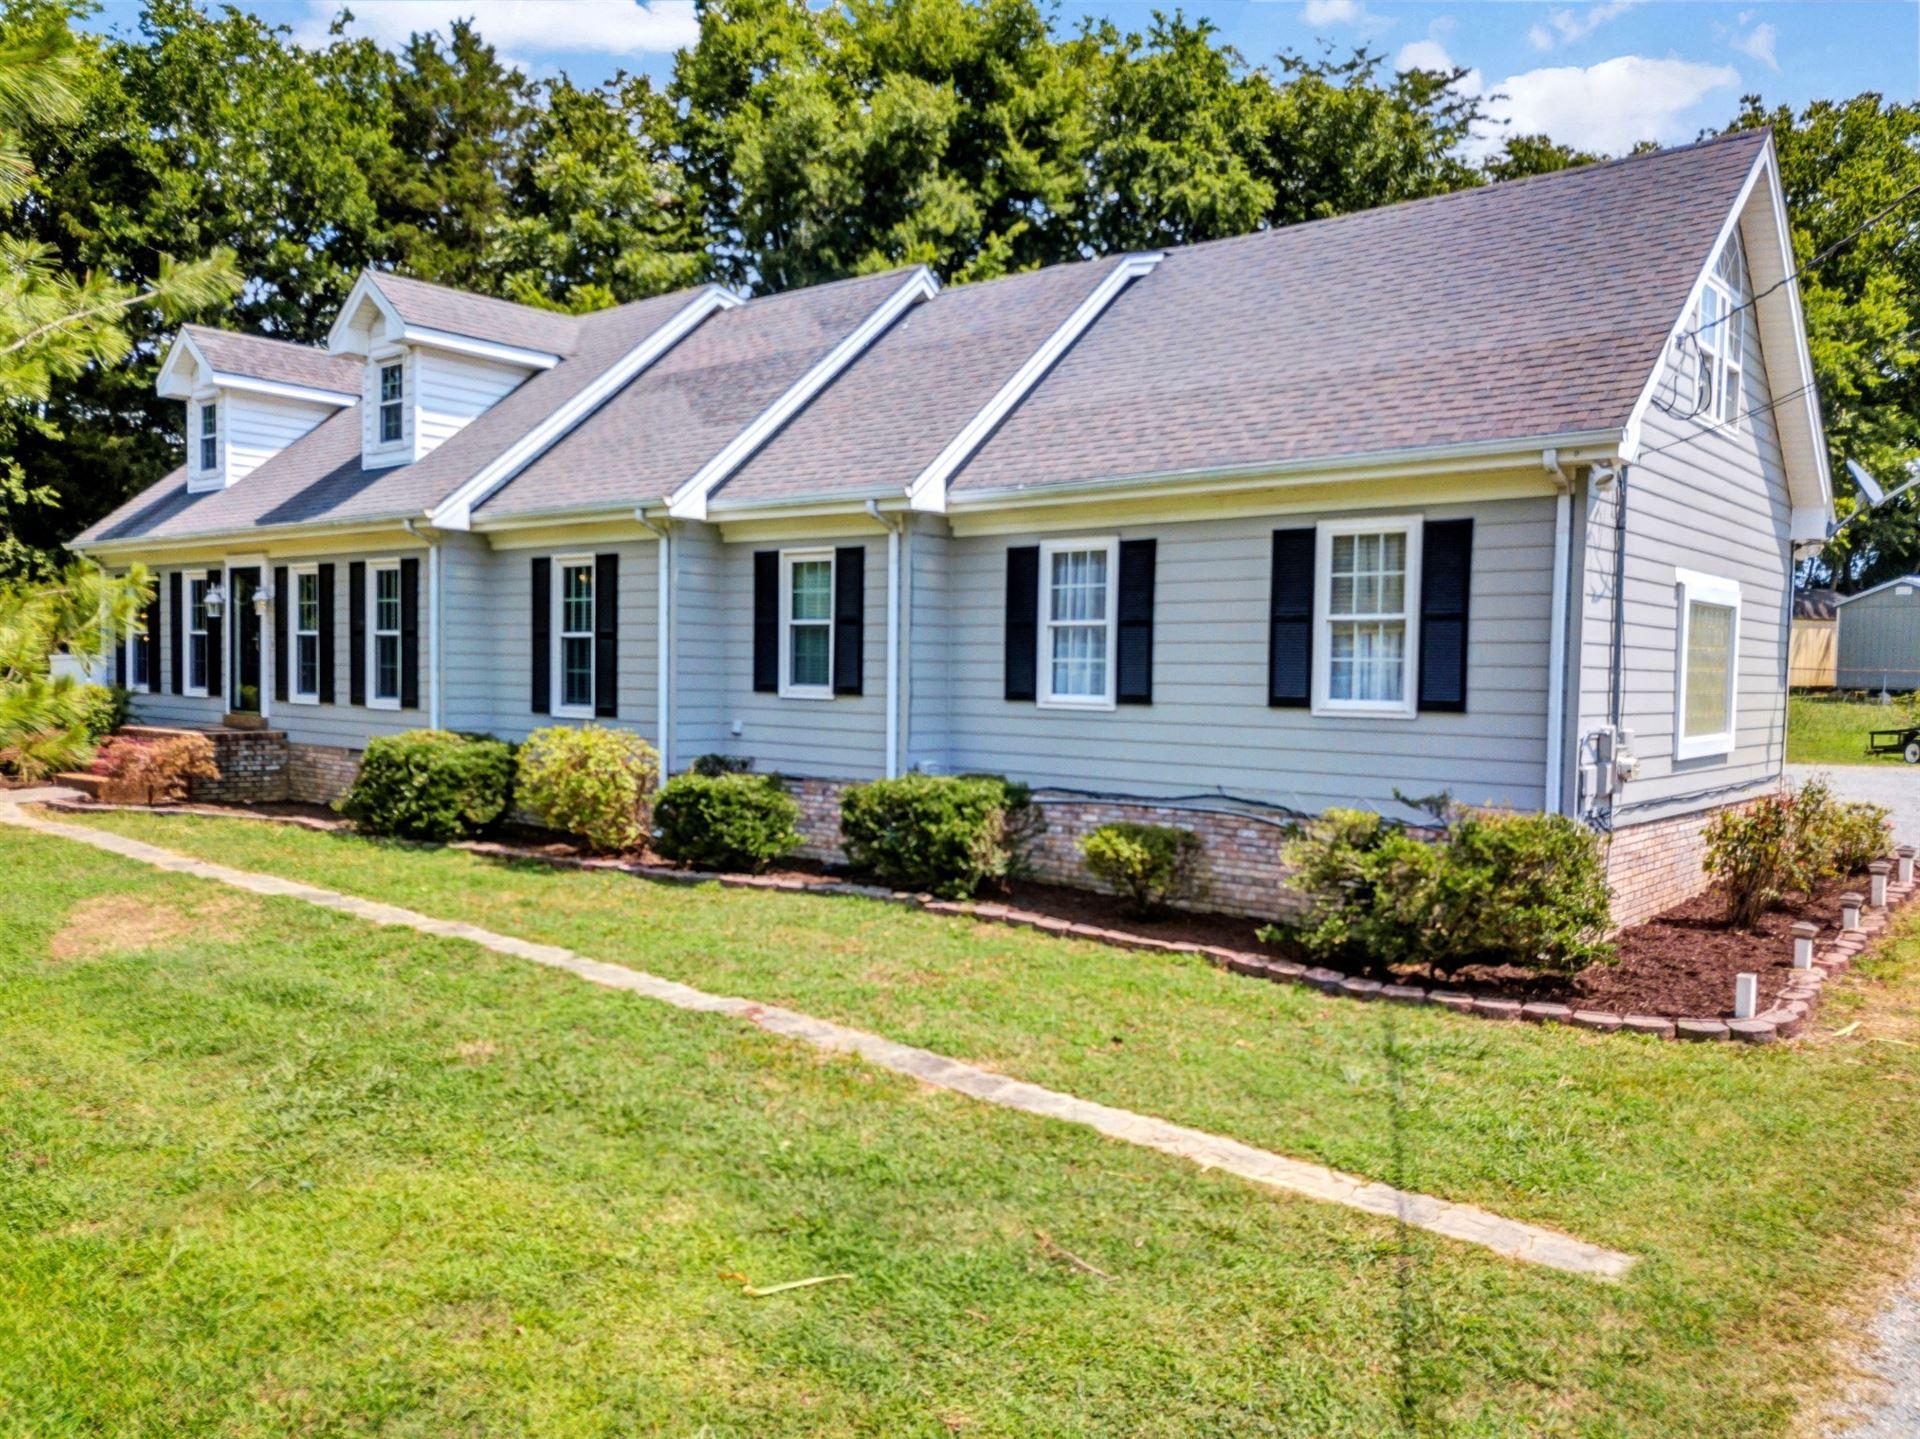 429 Brookview Dr, Gallatin, TN 37066 - MLS#: 2279398